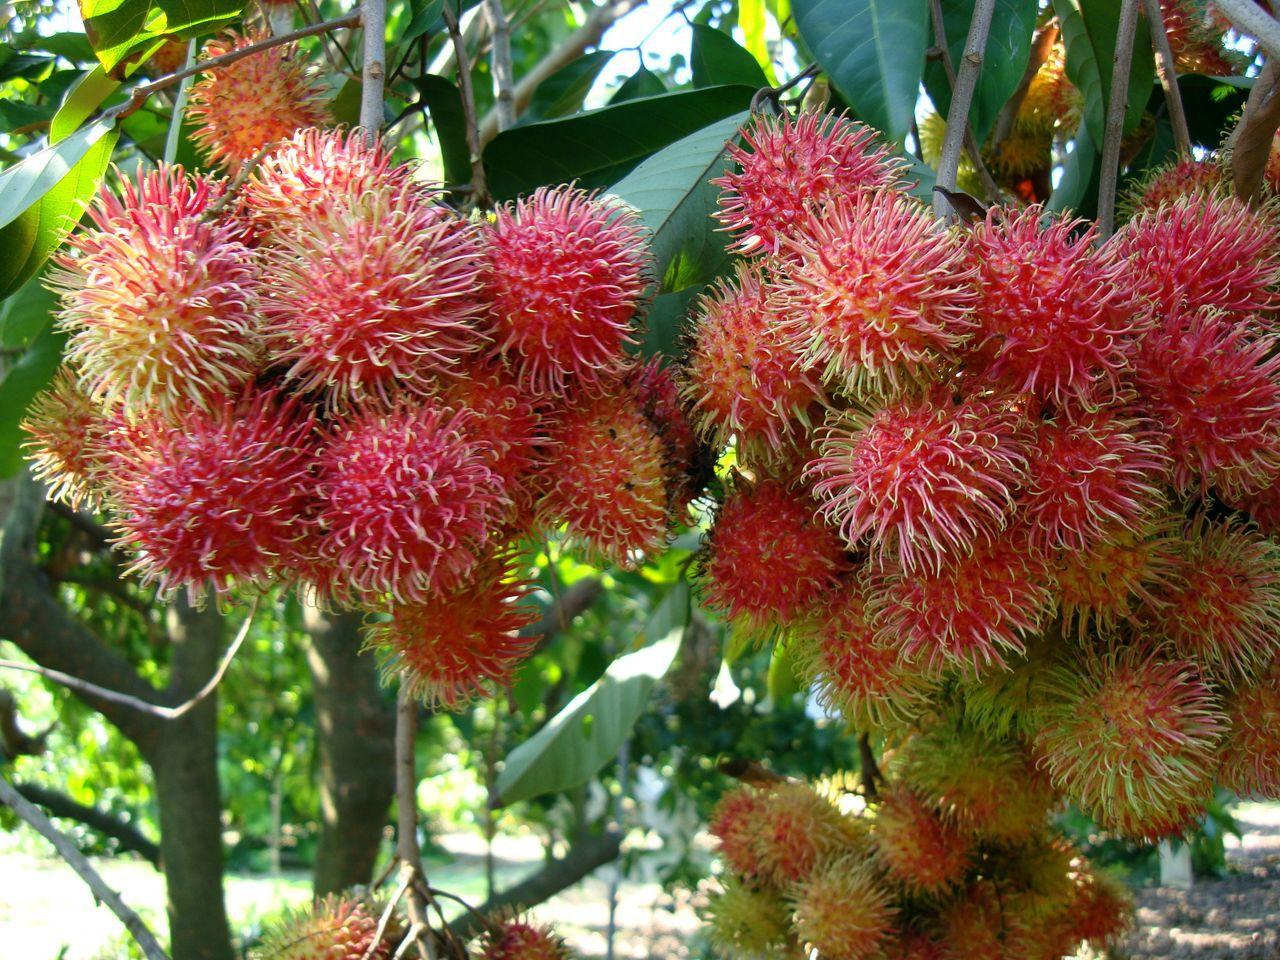 全球氣候急劇變遷,台灣的「作物相」也在改變中,東南亞常見的紅毛丹,在台灣也可以種...